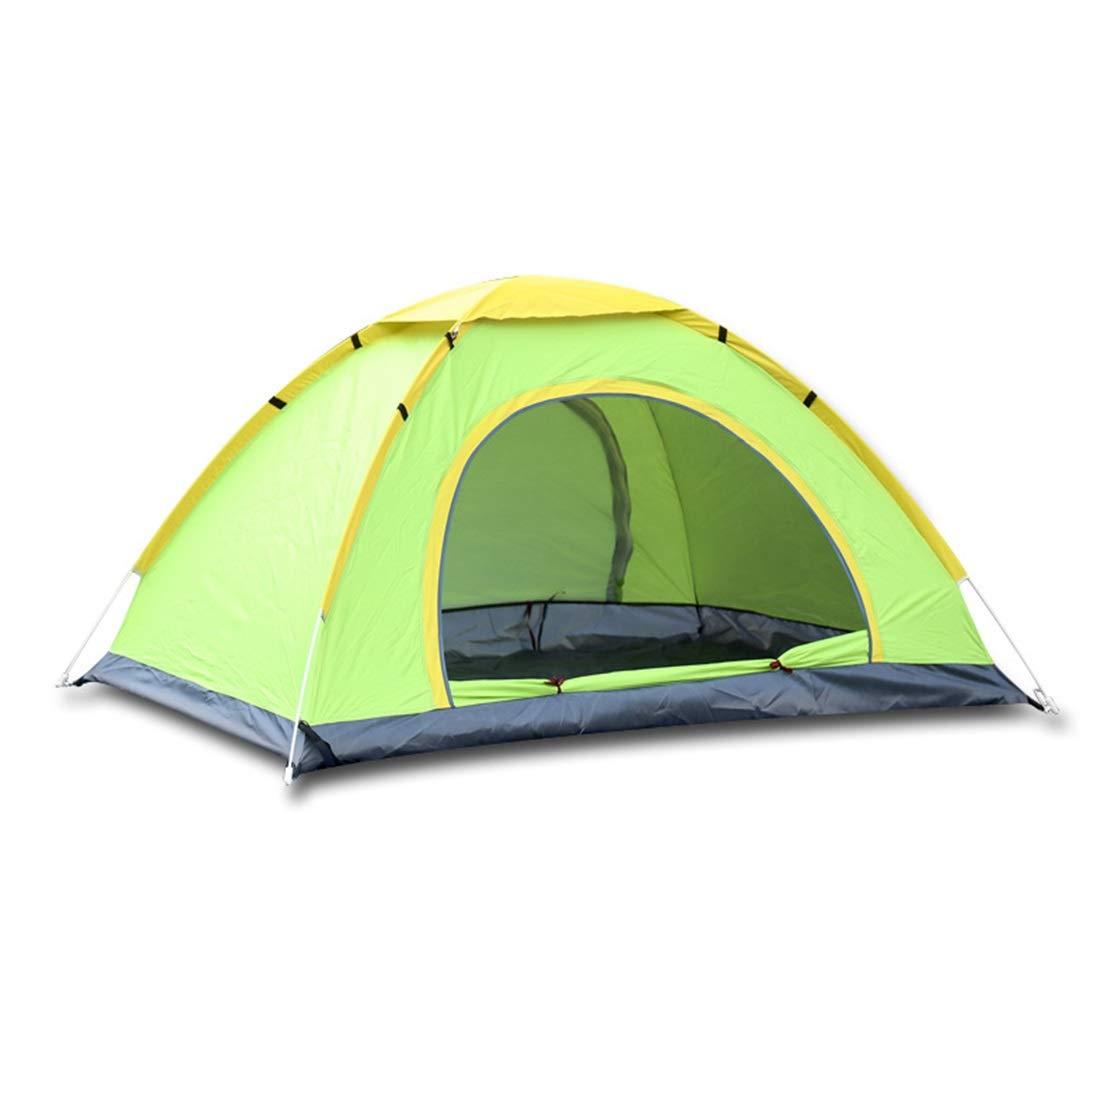 vert Two person Igspfbjn 2 Personnes et 3 Personnes Tente Camping en Plein air randonnée Tente de Prougeection UV (Couleur   vert, Taille   Three Person)